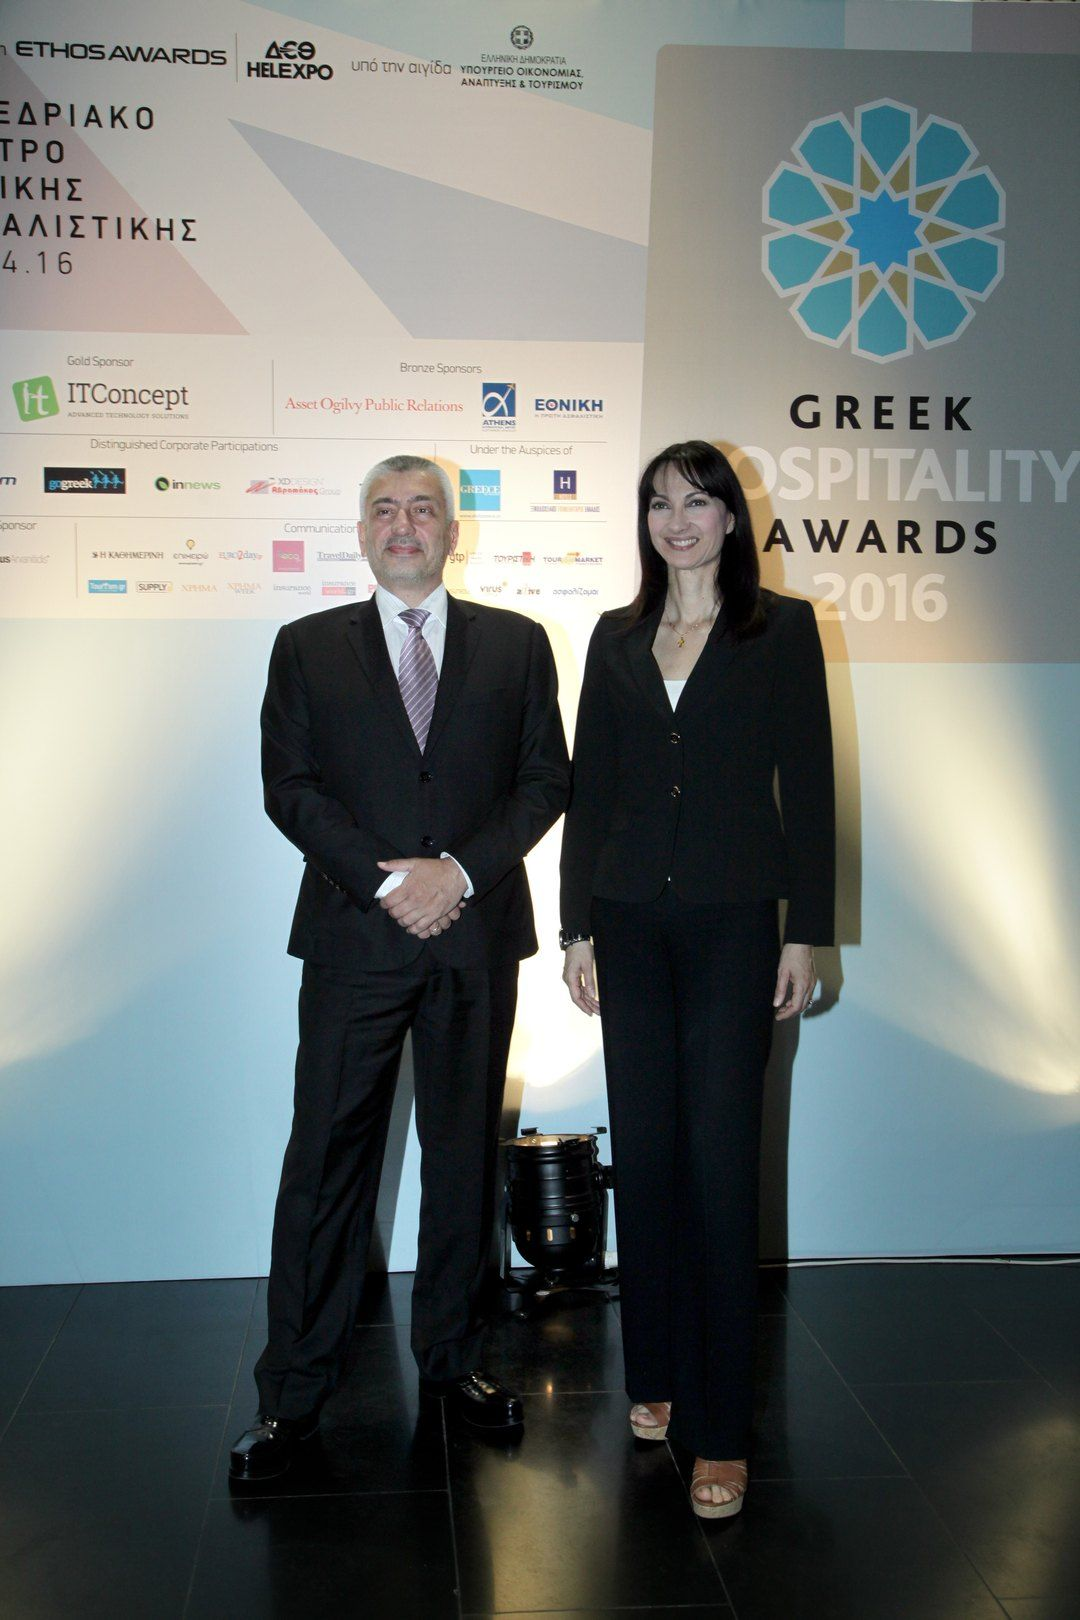 Ο Κωνσταντίνος Ουζούνης και η Αν. Υπουργός Τουρισμού Έλενα Κουντουρά